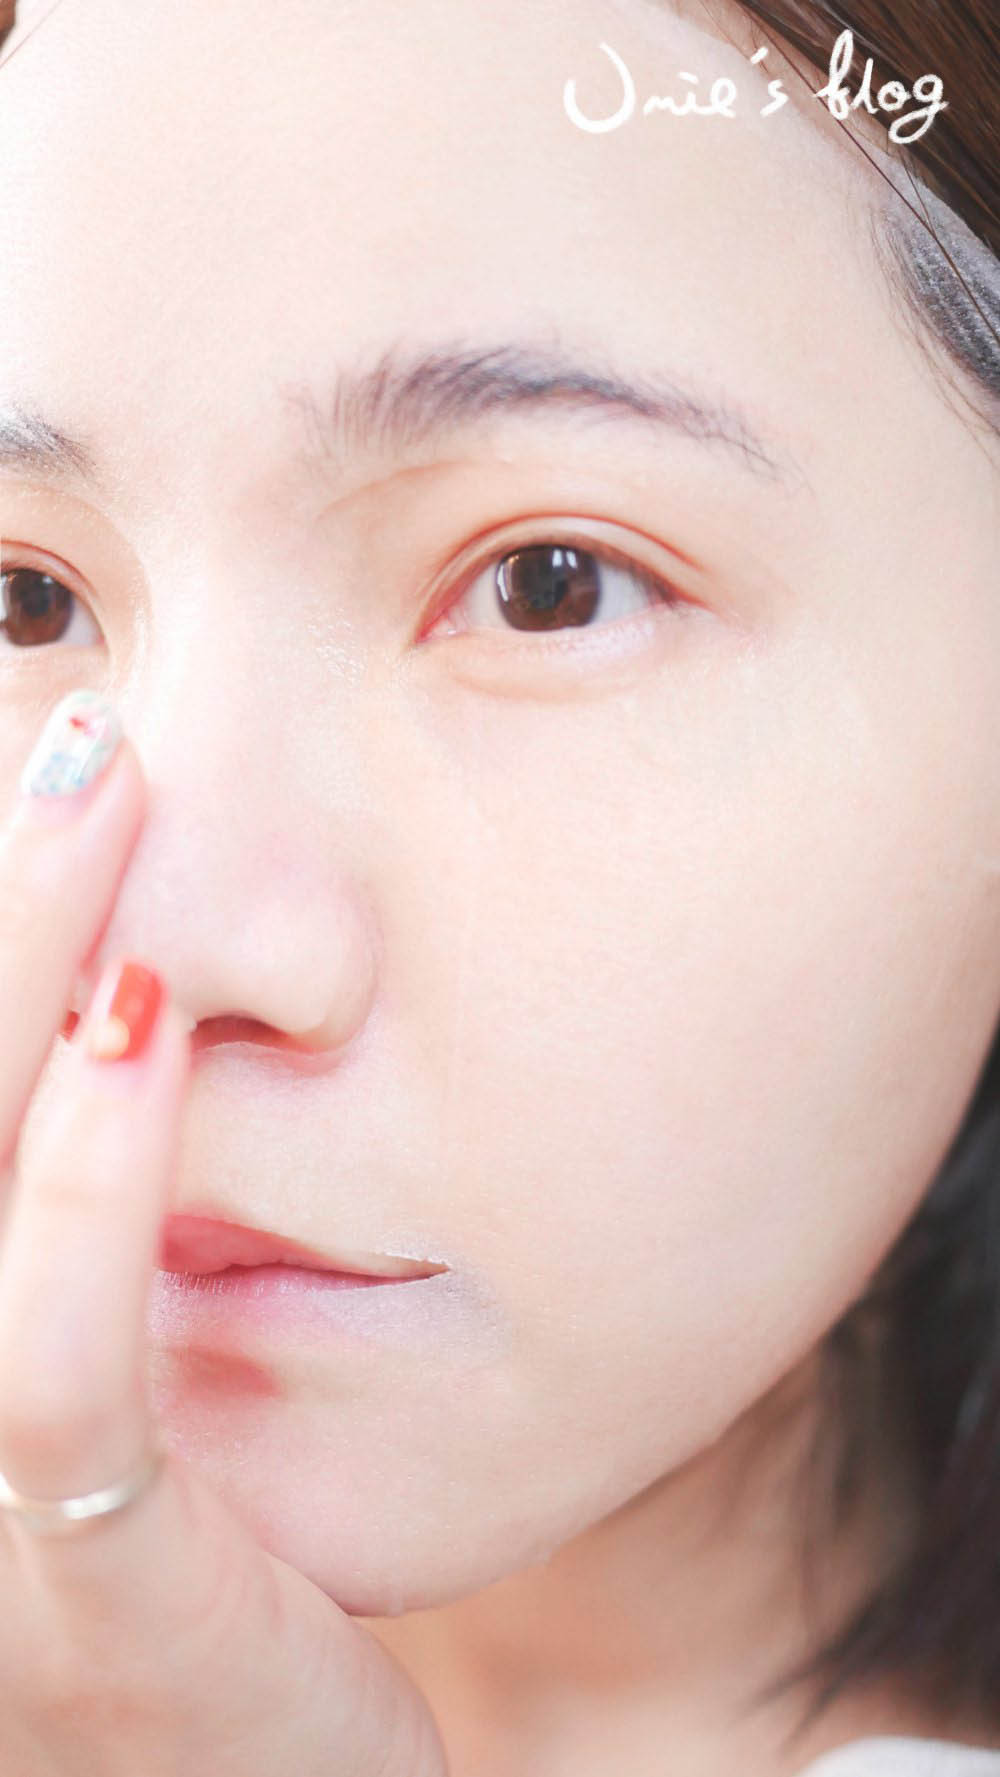 痘痘粉刺肌推薦救星|寵愛之名 杏仁花酸系列 7%、21%,不刺痛卻能讓閉鎖性粉刺說再見!(另推:酸後適用面膜!)